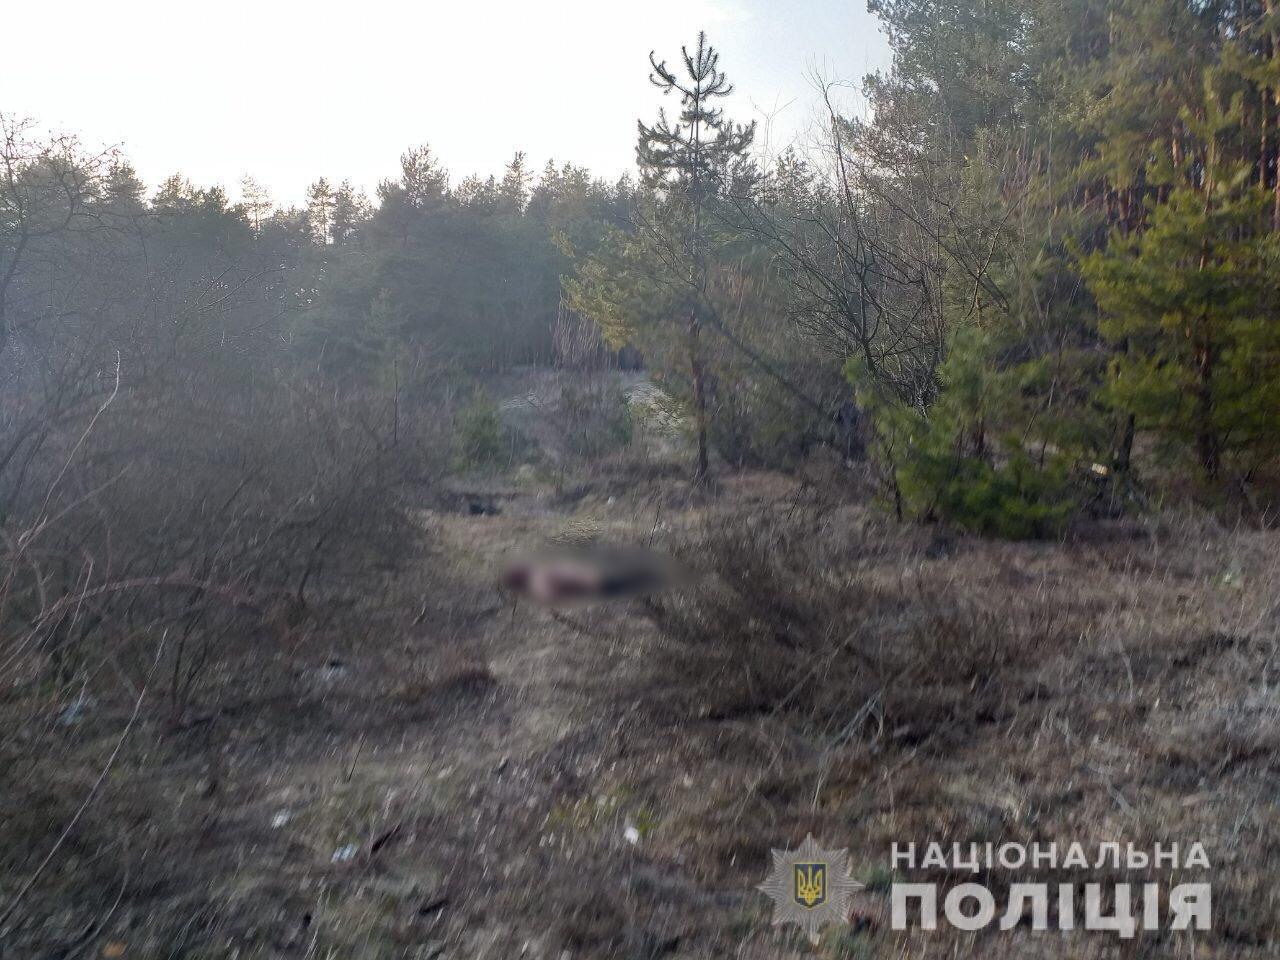 На Харьковщине обнаружили труп военного, - ФОТО, фото-1